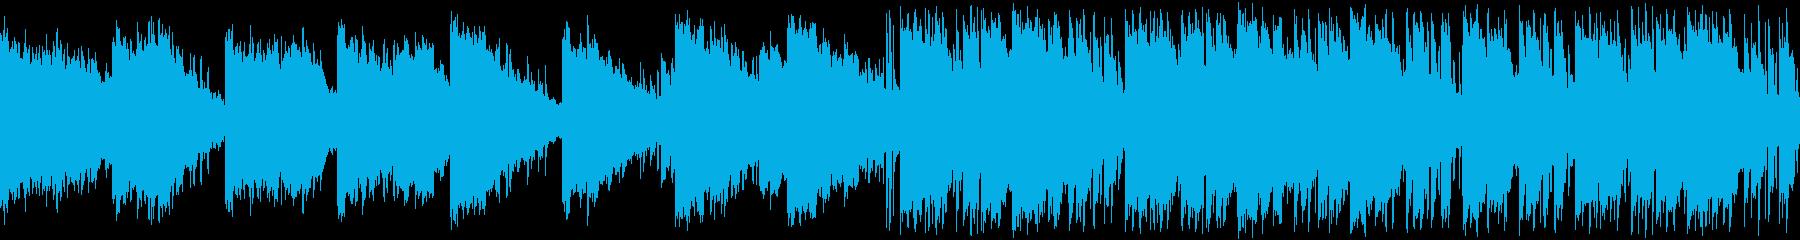 神秘的静かなエレピ・ナレ好相性・ループの再生済みの波形